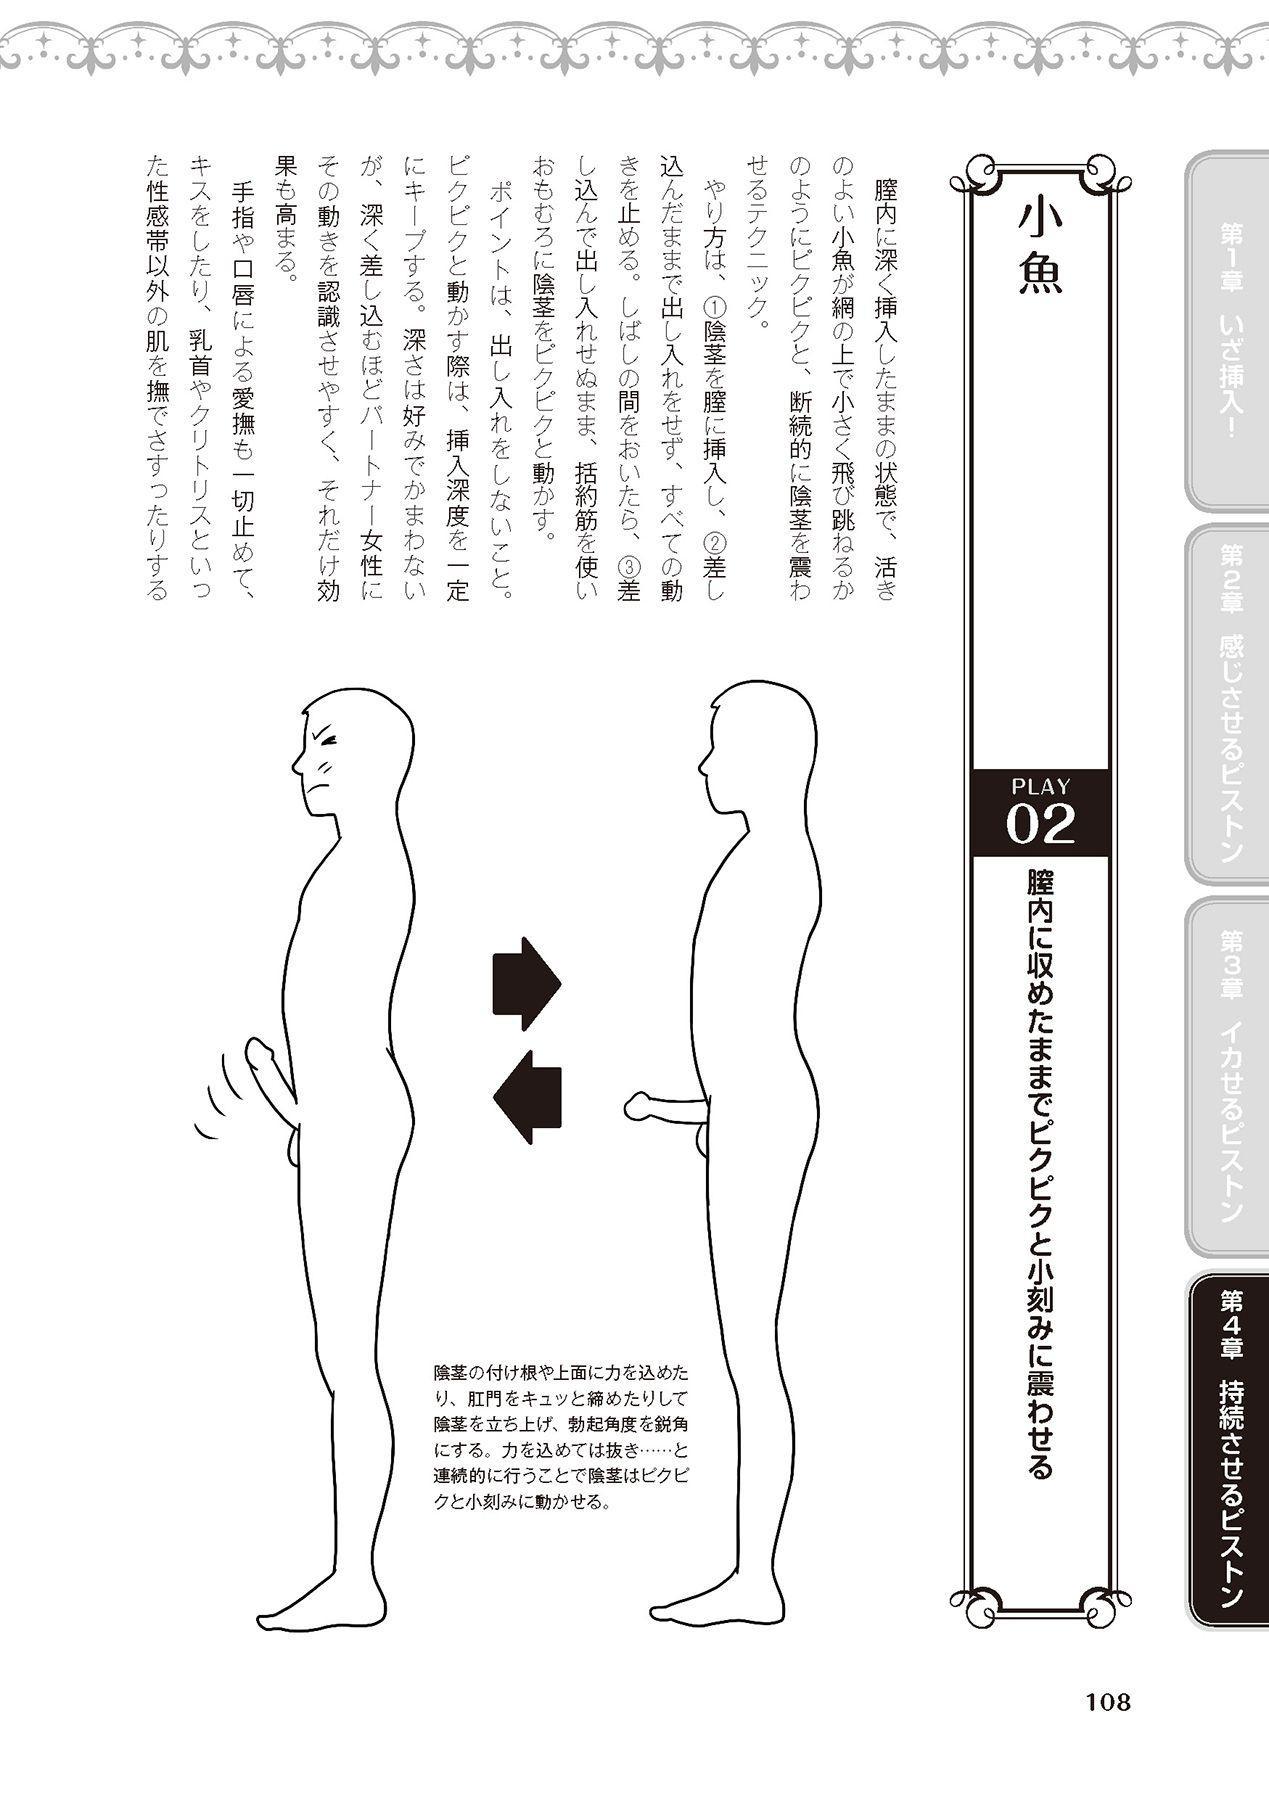 膣挿入&ピストン運動完全マニュアル イラスト版……ピスとんッ! 109